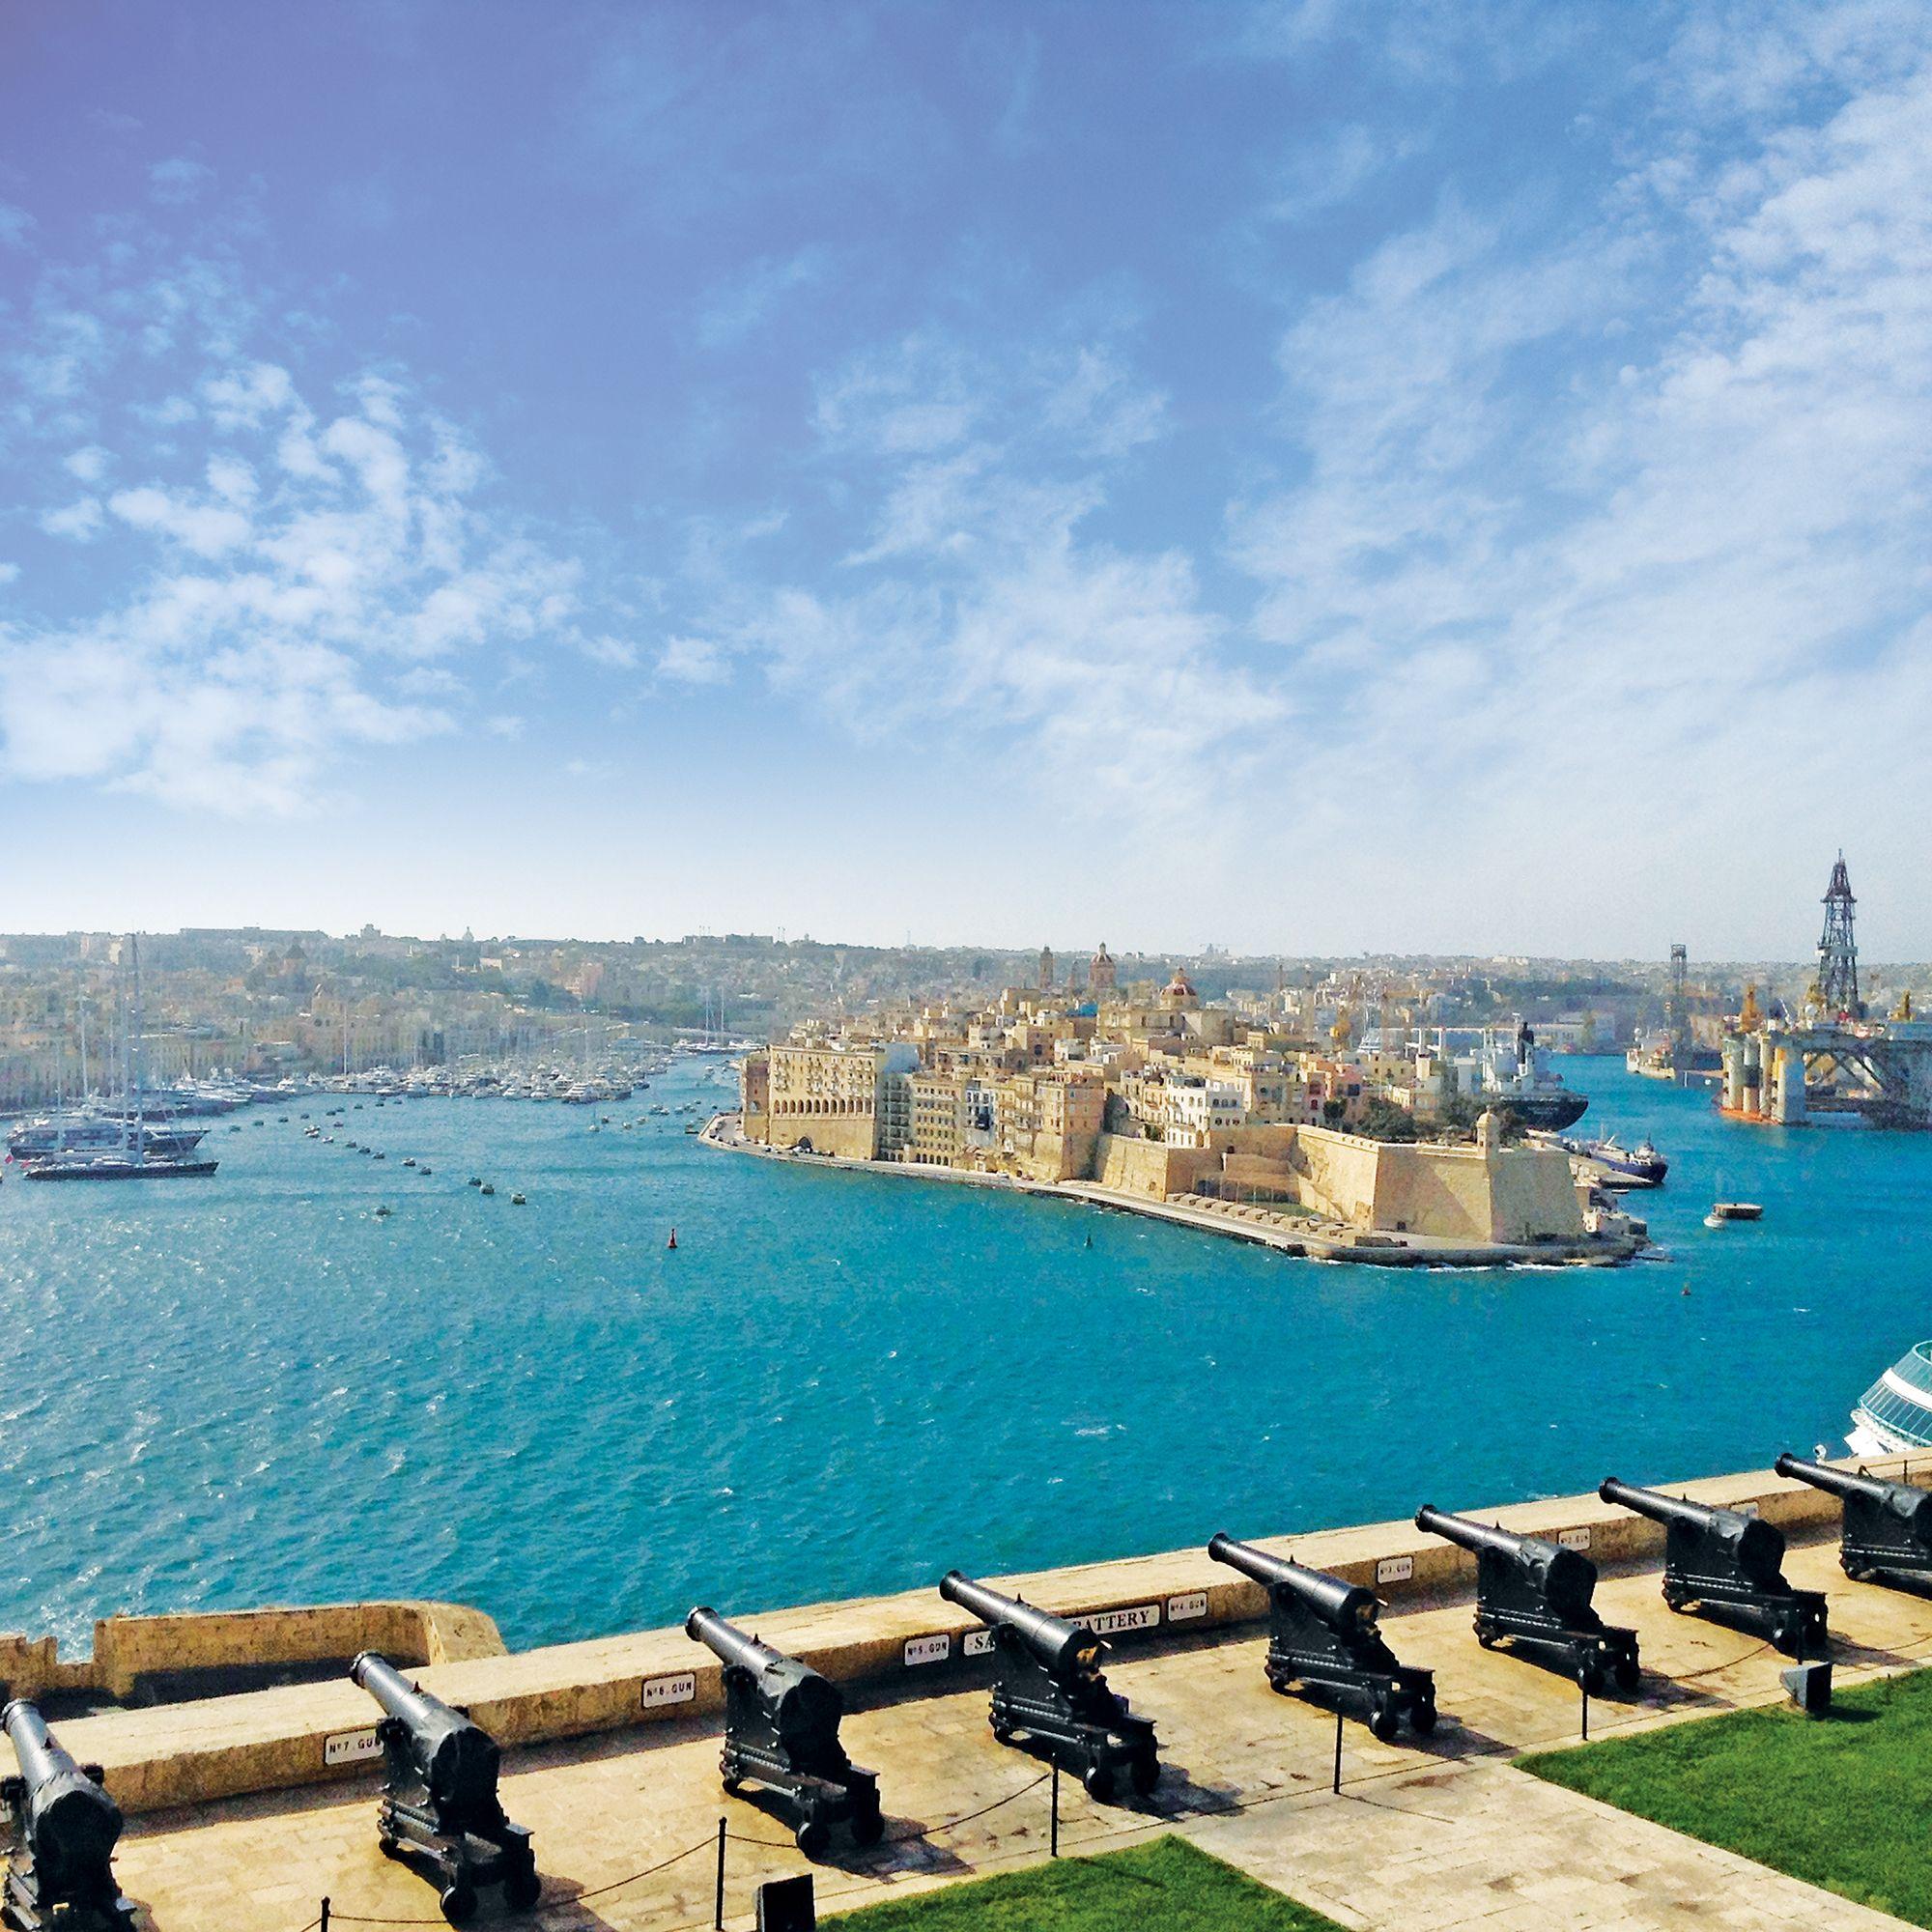 Malta: A Haven of Treasures